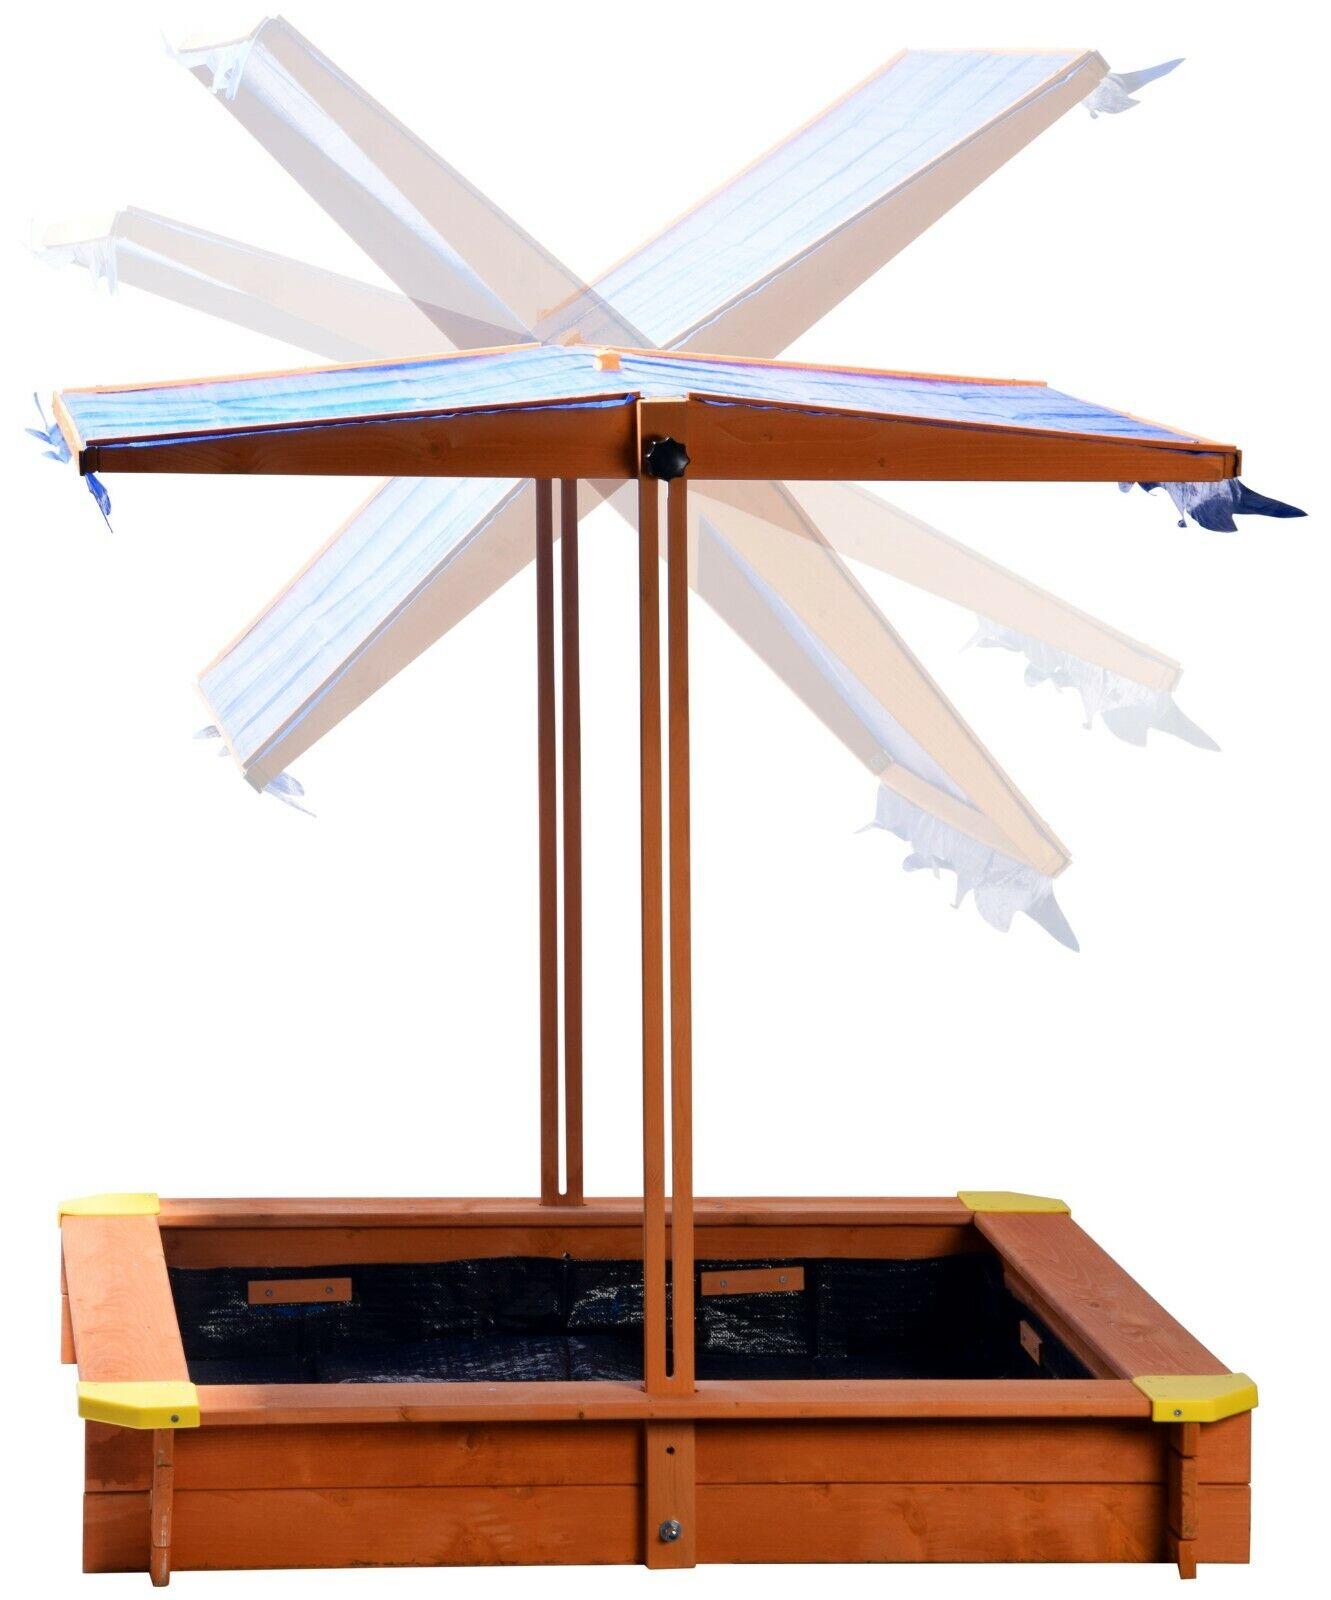 Sandkasten Holz Sandkiste Sandbox Spielhaus Verstellbares Dach Buddelkiste Blau